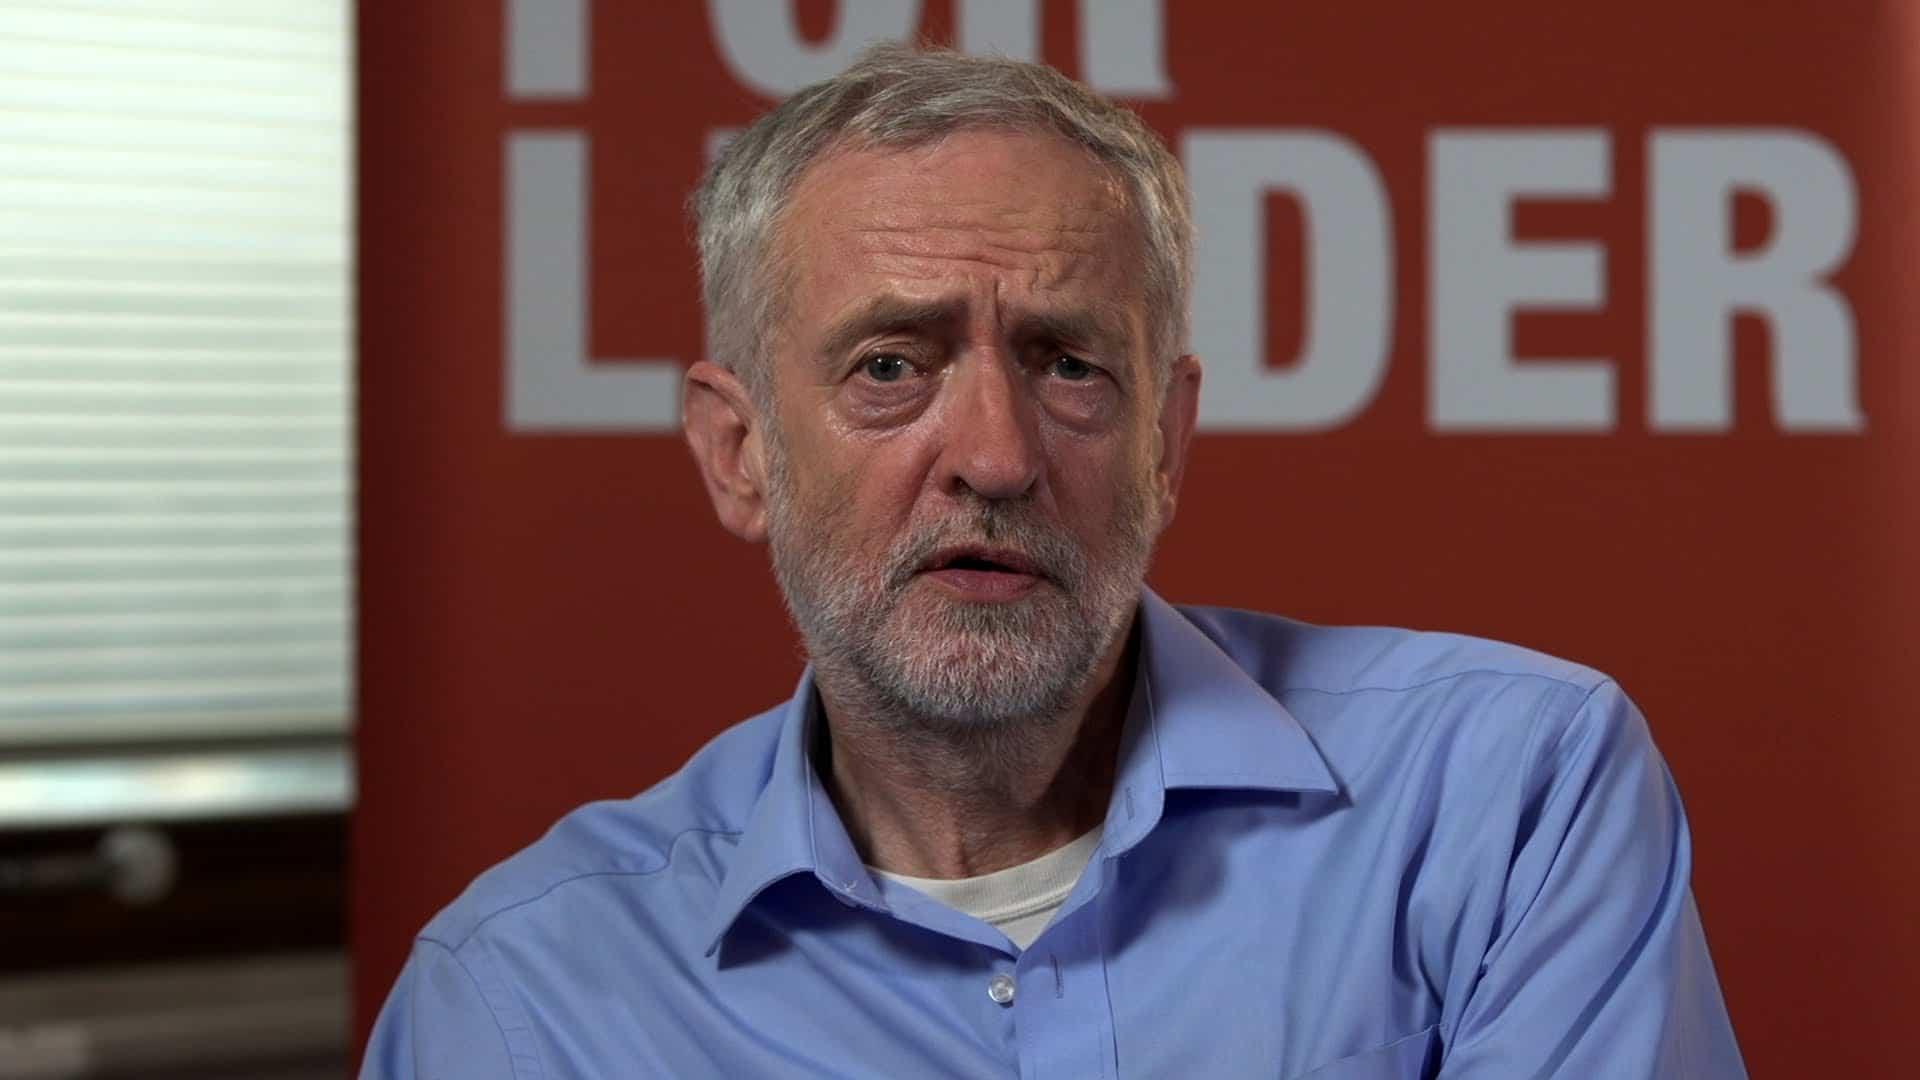 Corbyn for Glasto, Trump for Glynde?